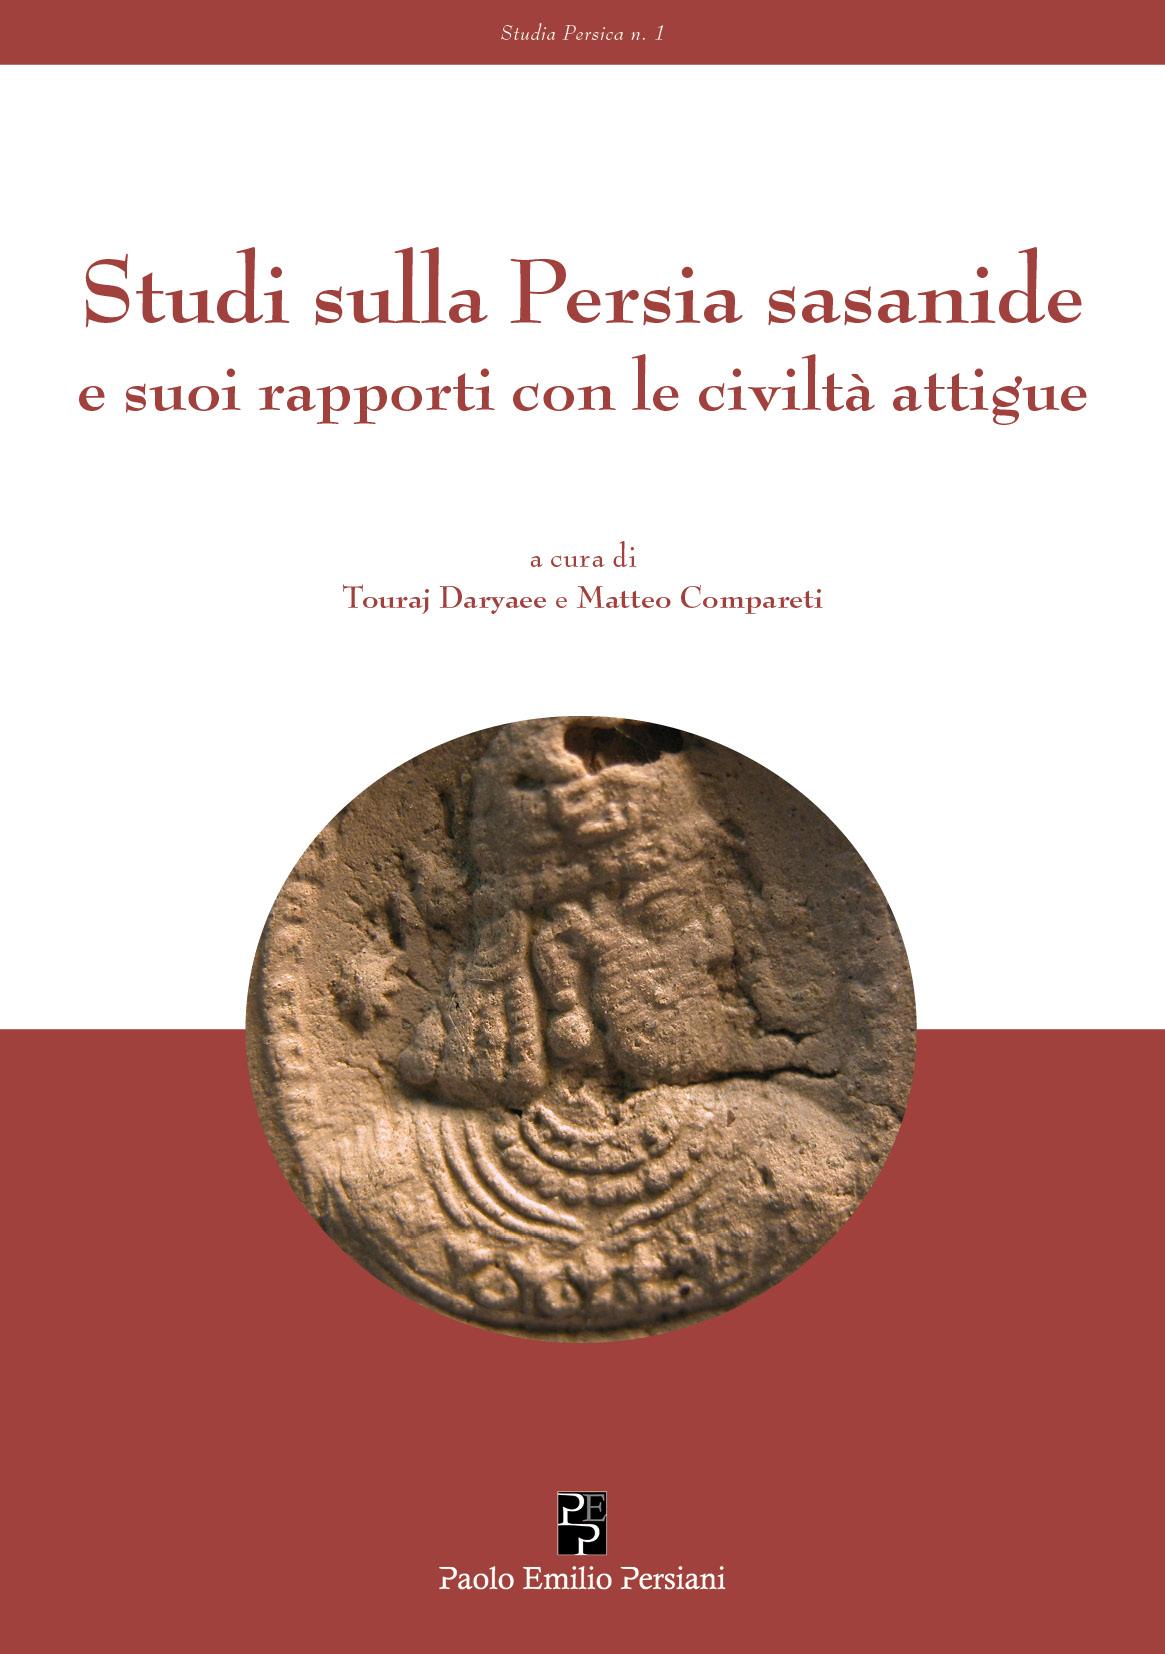 Studi sulla Persia sasanide e suoi rapporti con le civiltà attigue